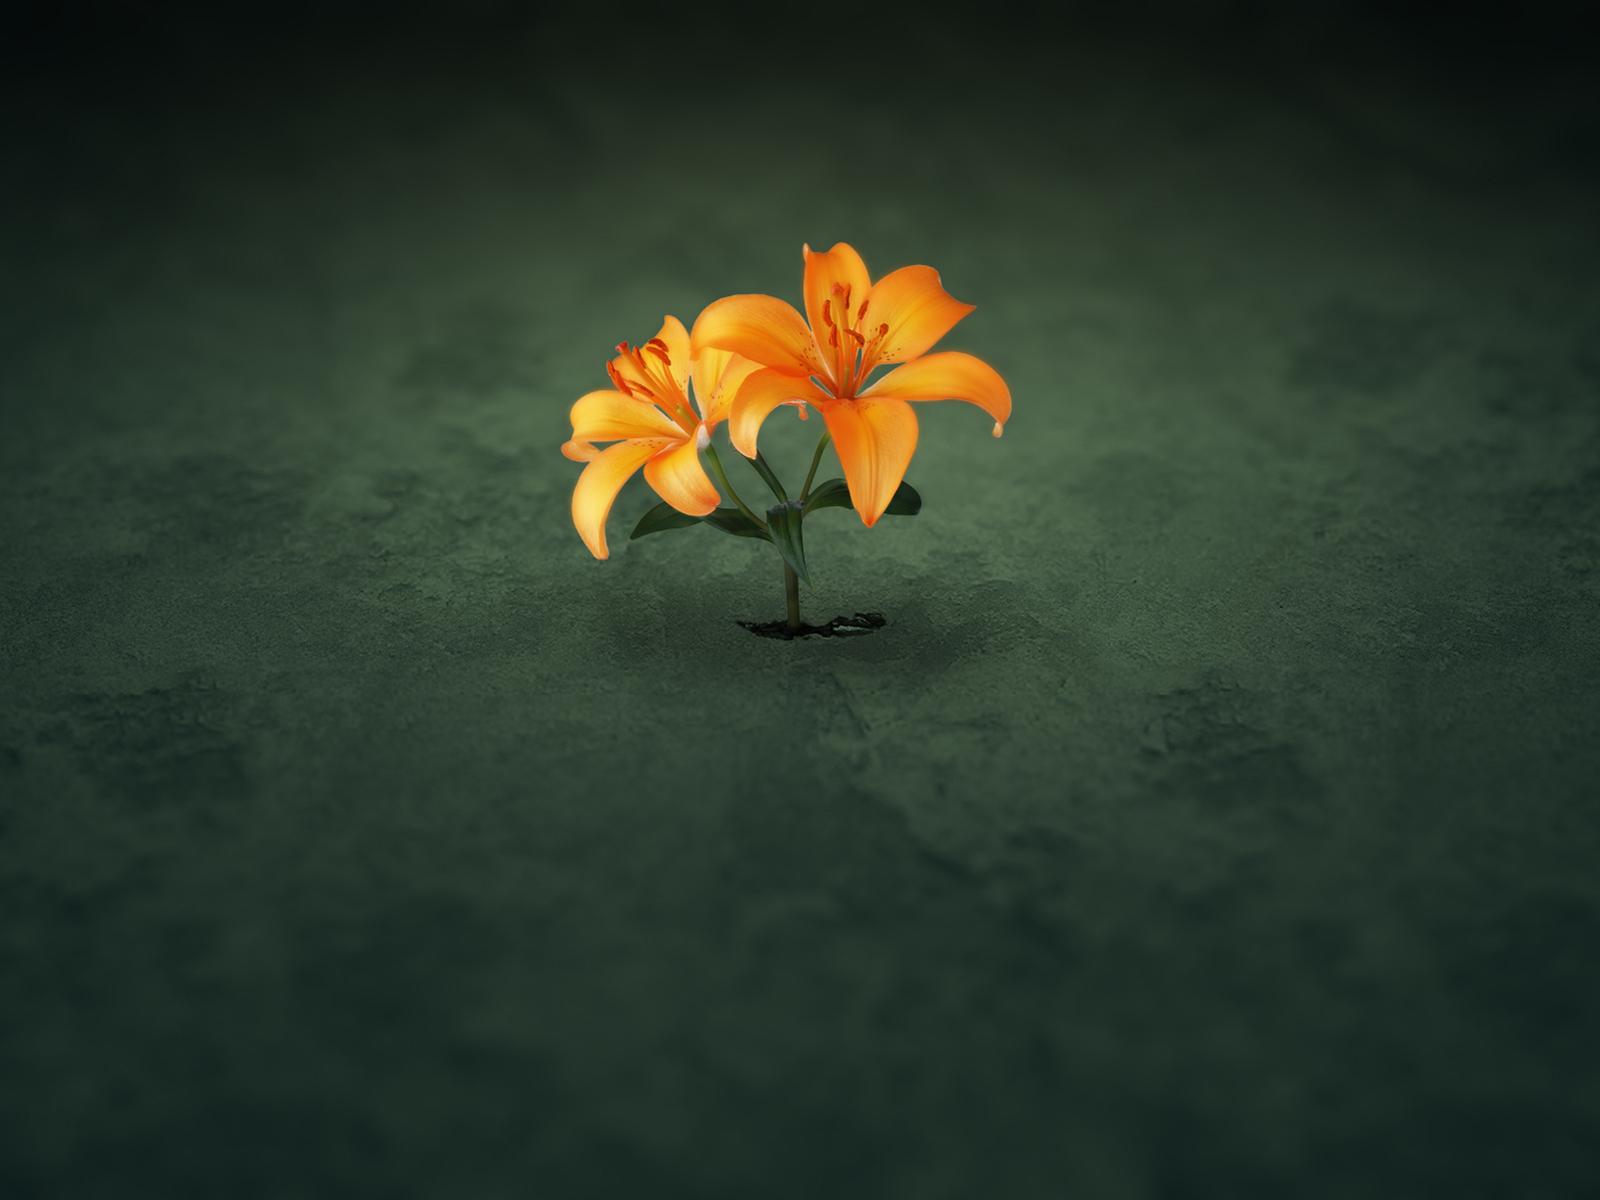 3084-fleur-sur-green-WallFizz